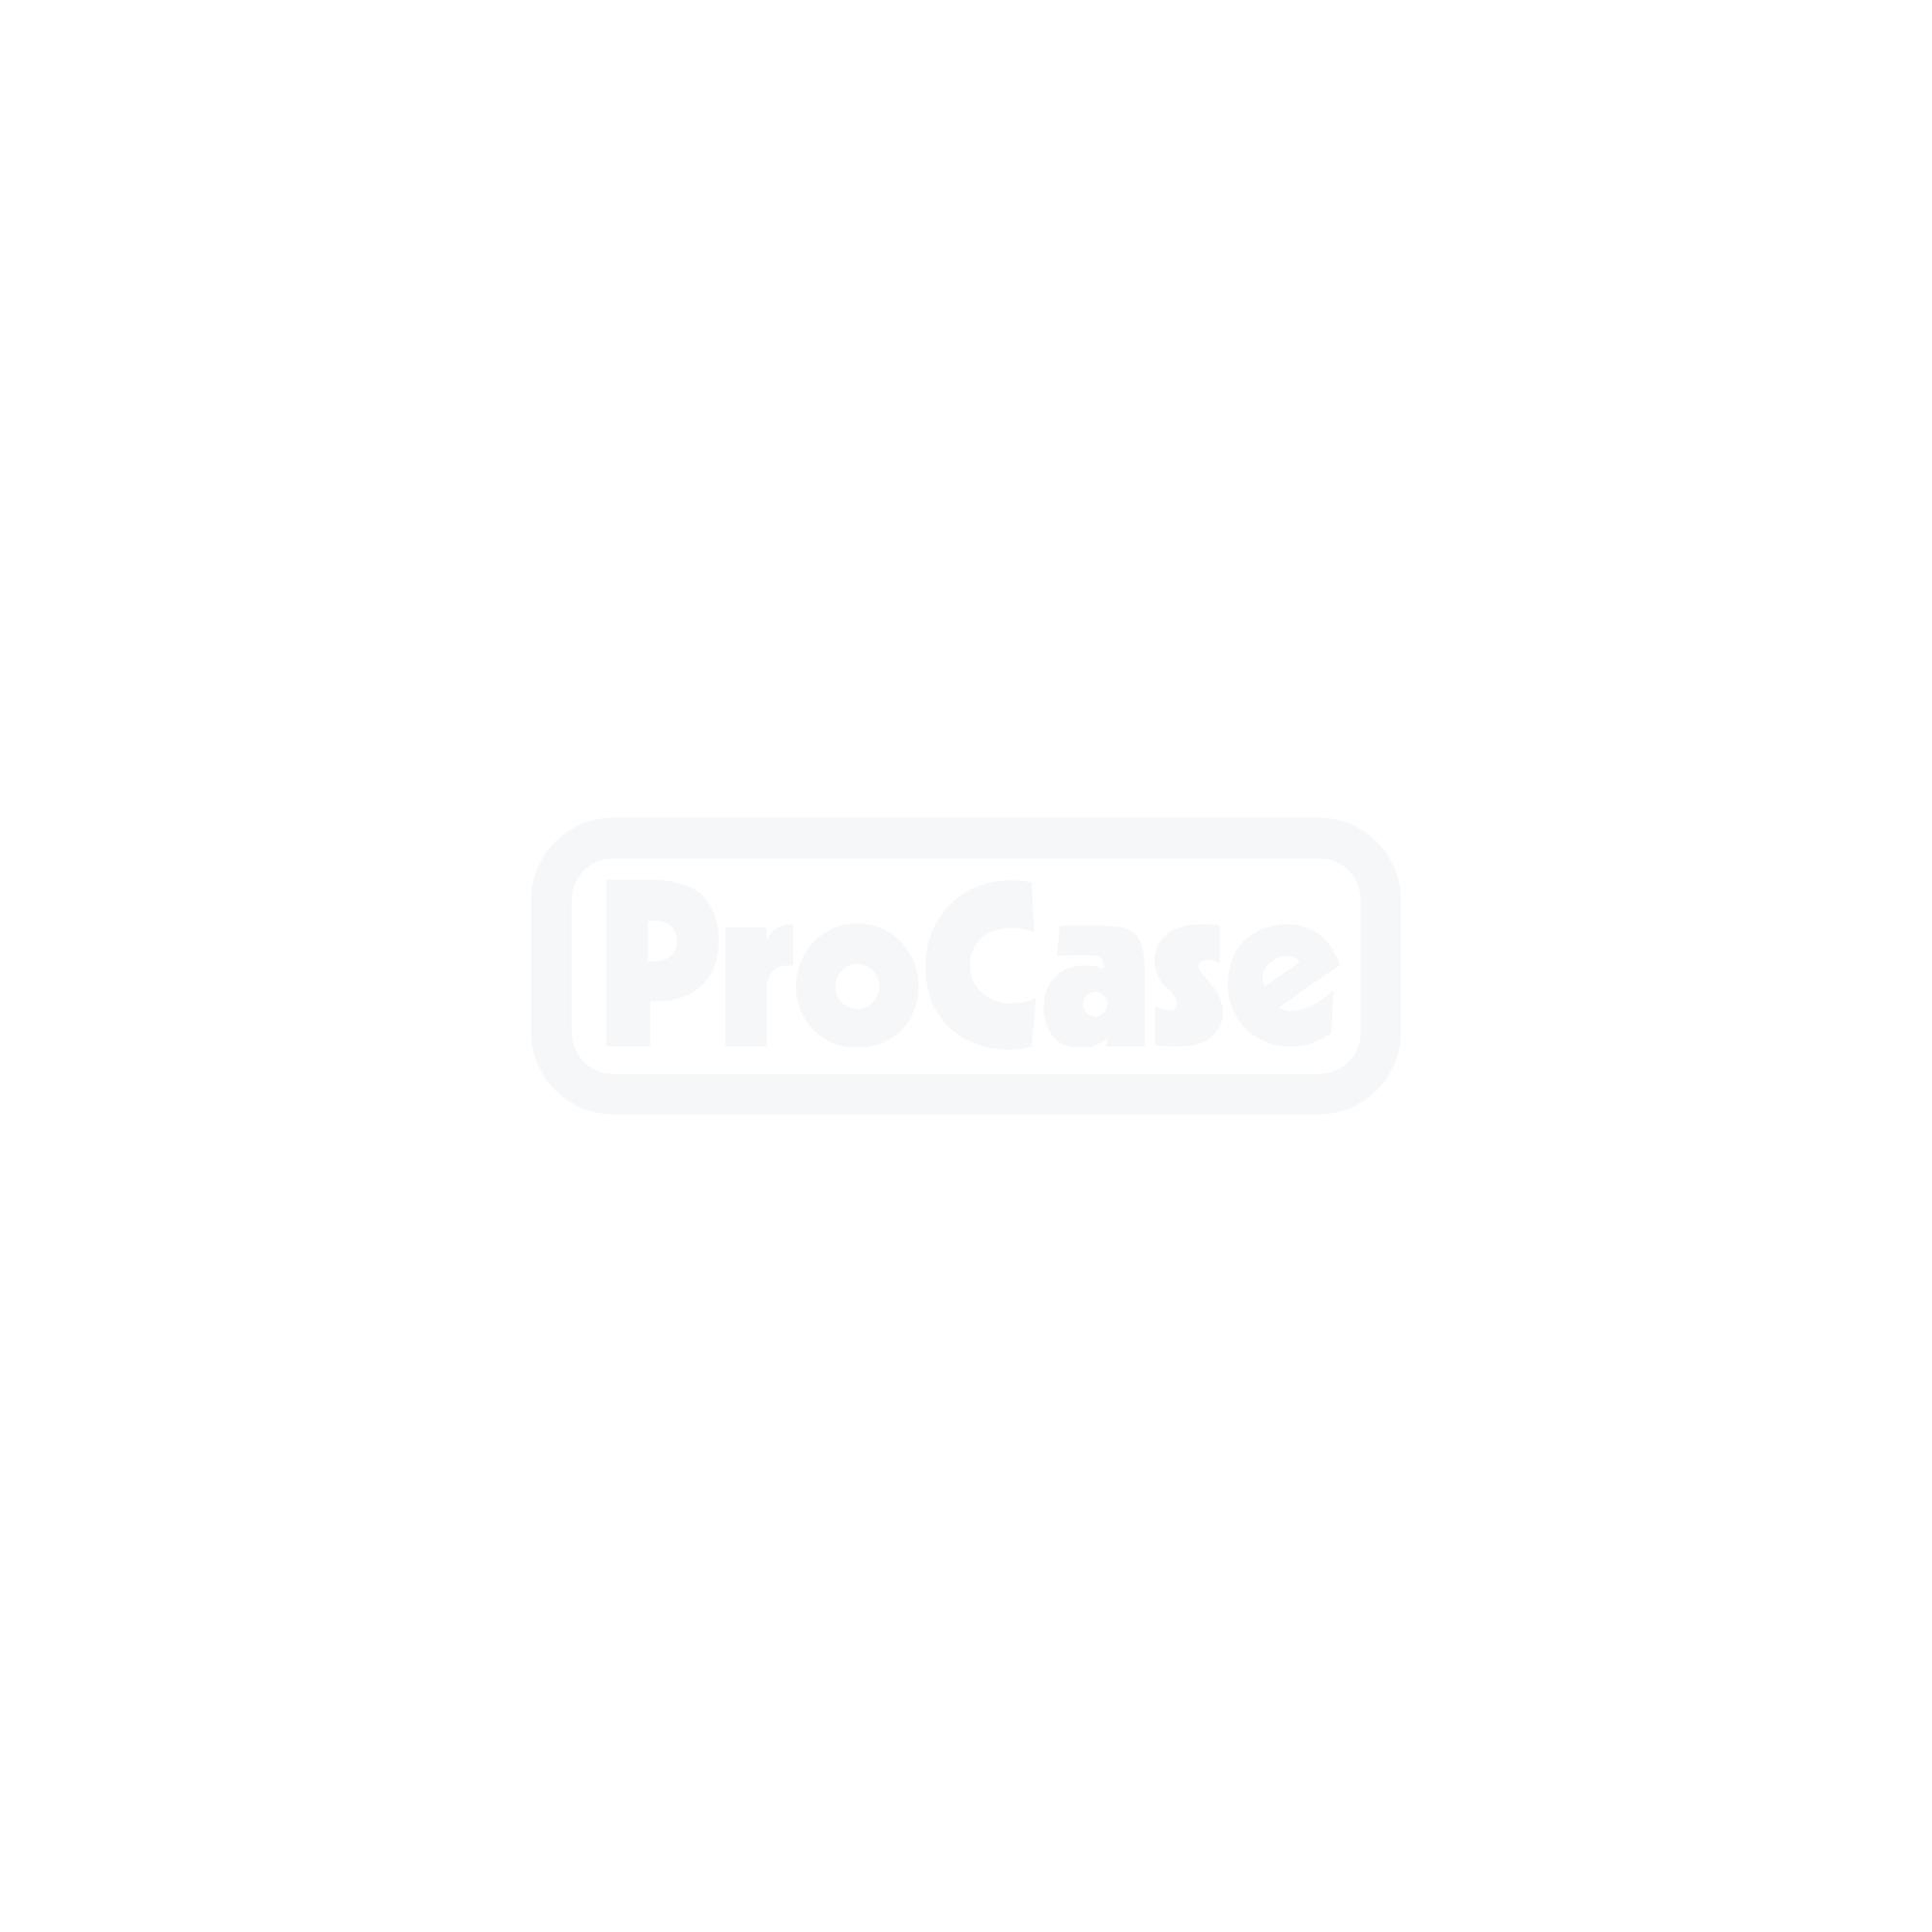 SchrankCase mit Laderampe für Gastguard Satellite Back Up 10x60 oder Independent Pro 8x60 mit montiertem Spuckschutz